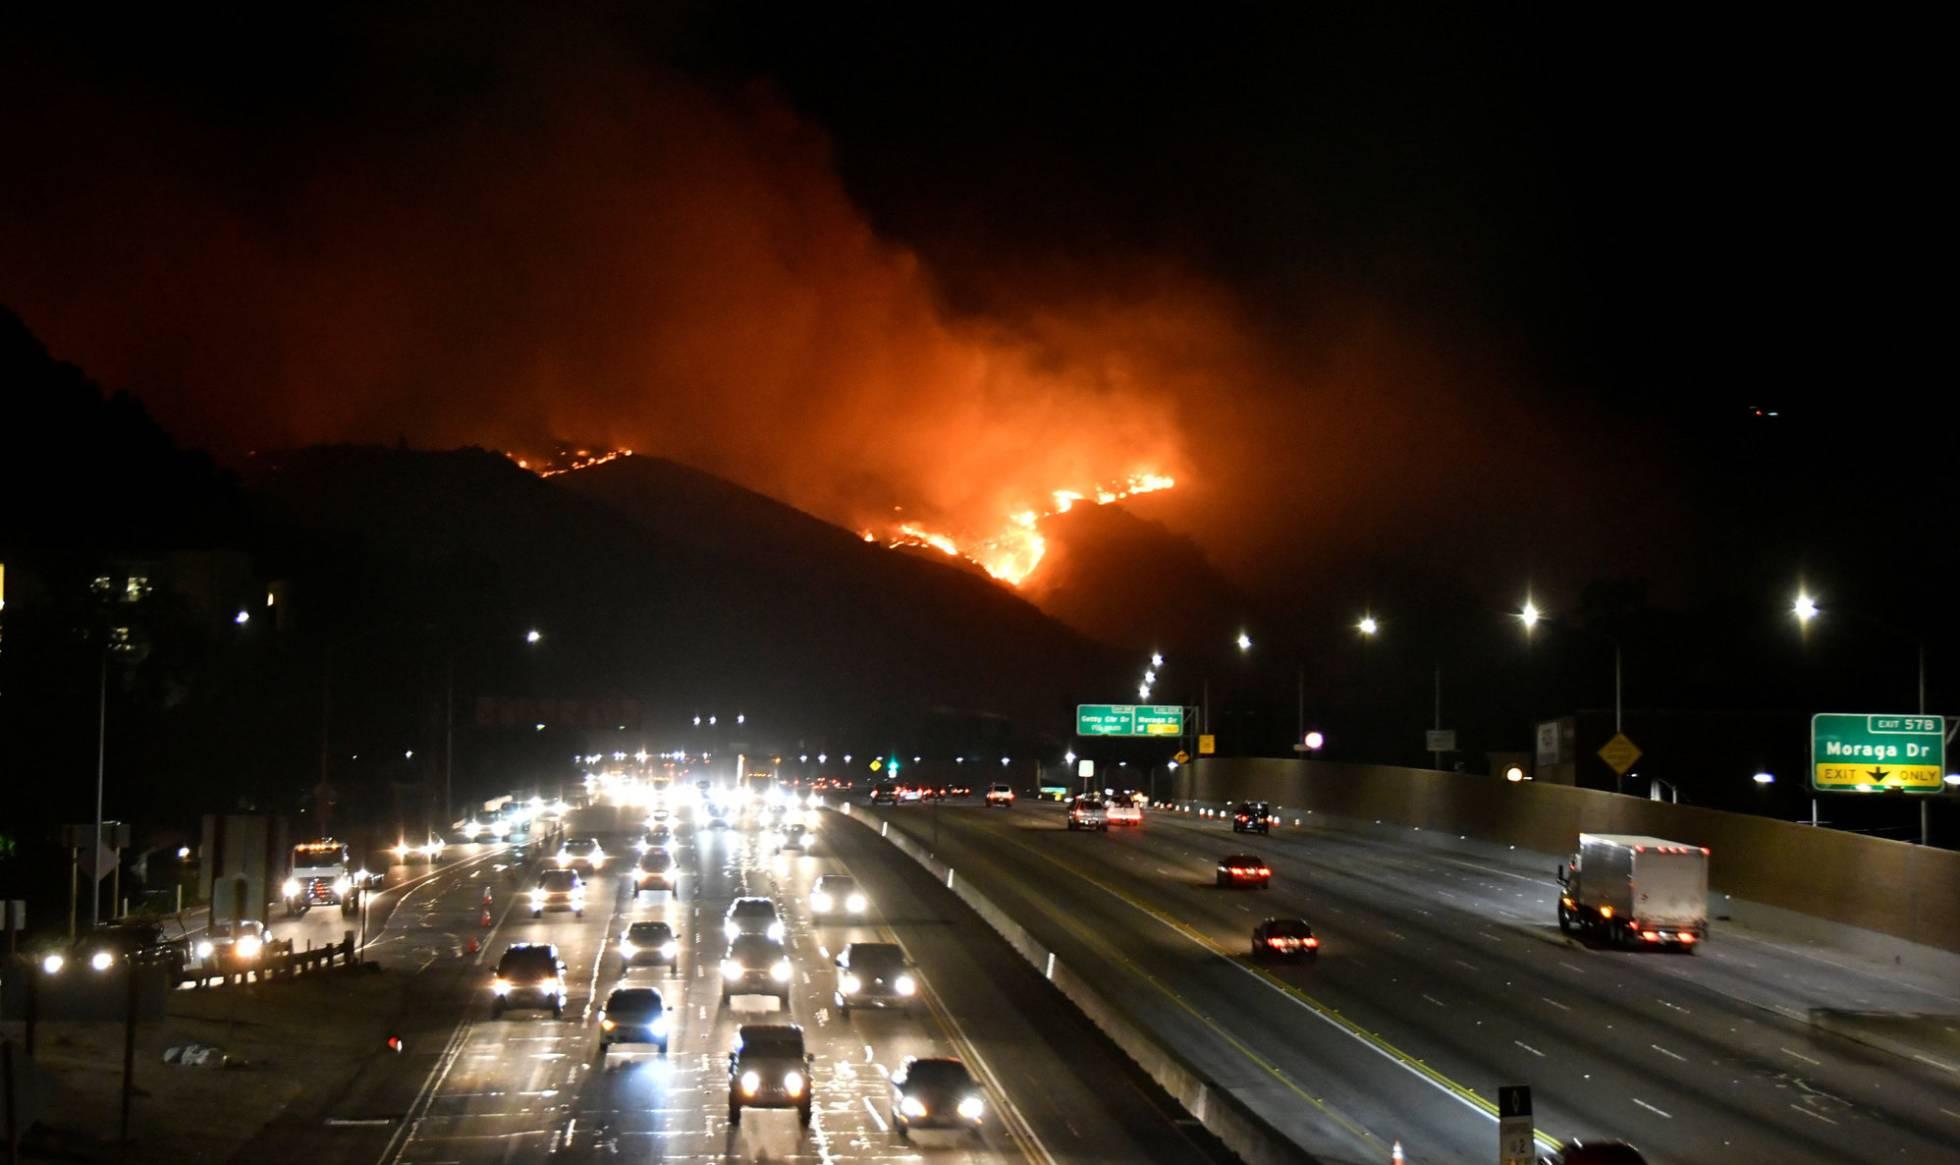 Un nuevo incendio amenaza las mansiones de Los Ángeles mientras mejoran las condiciones atmósféricas